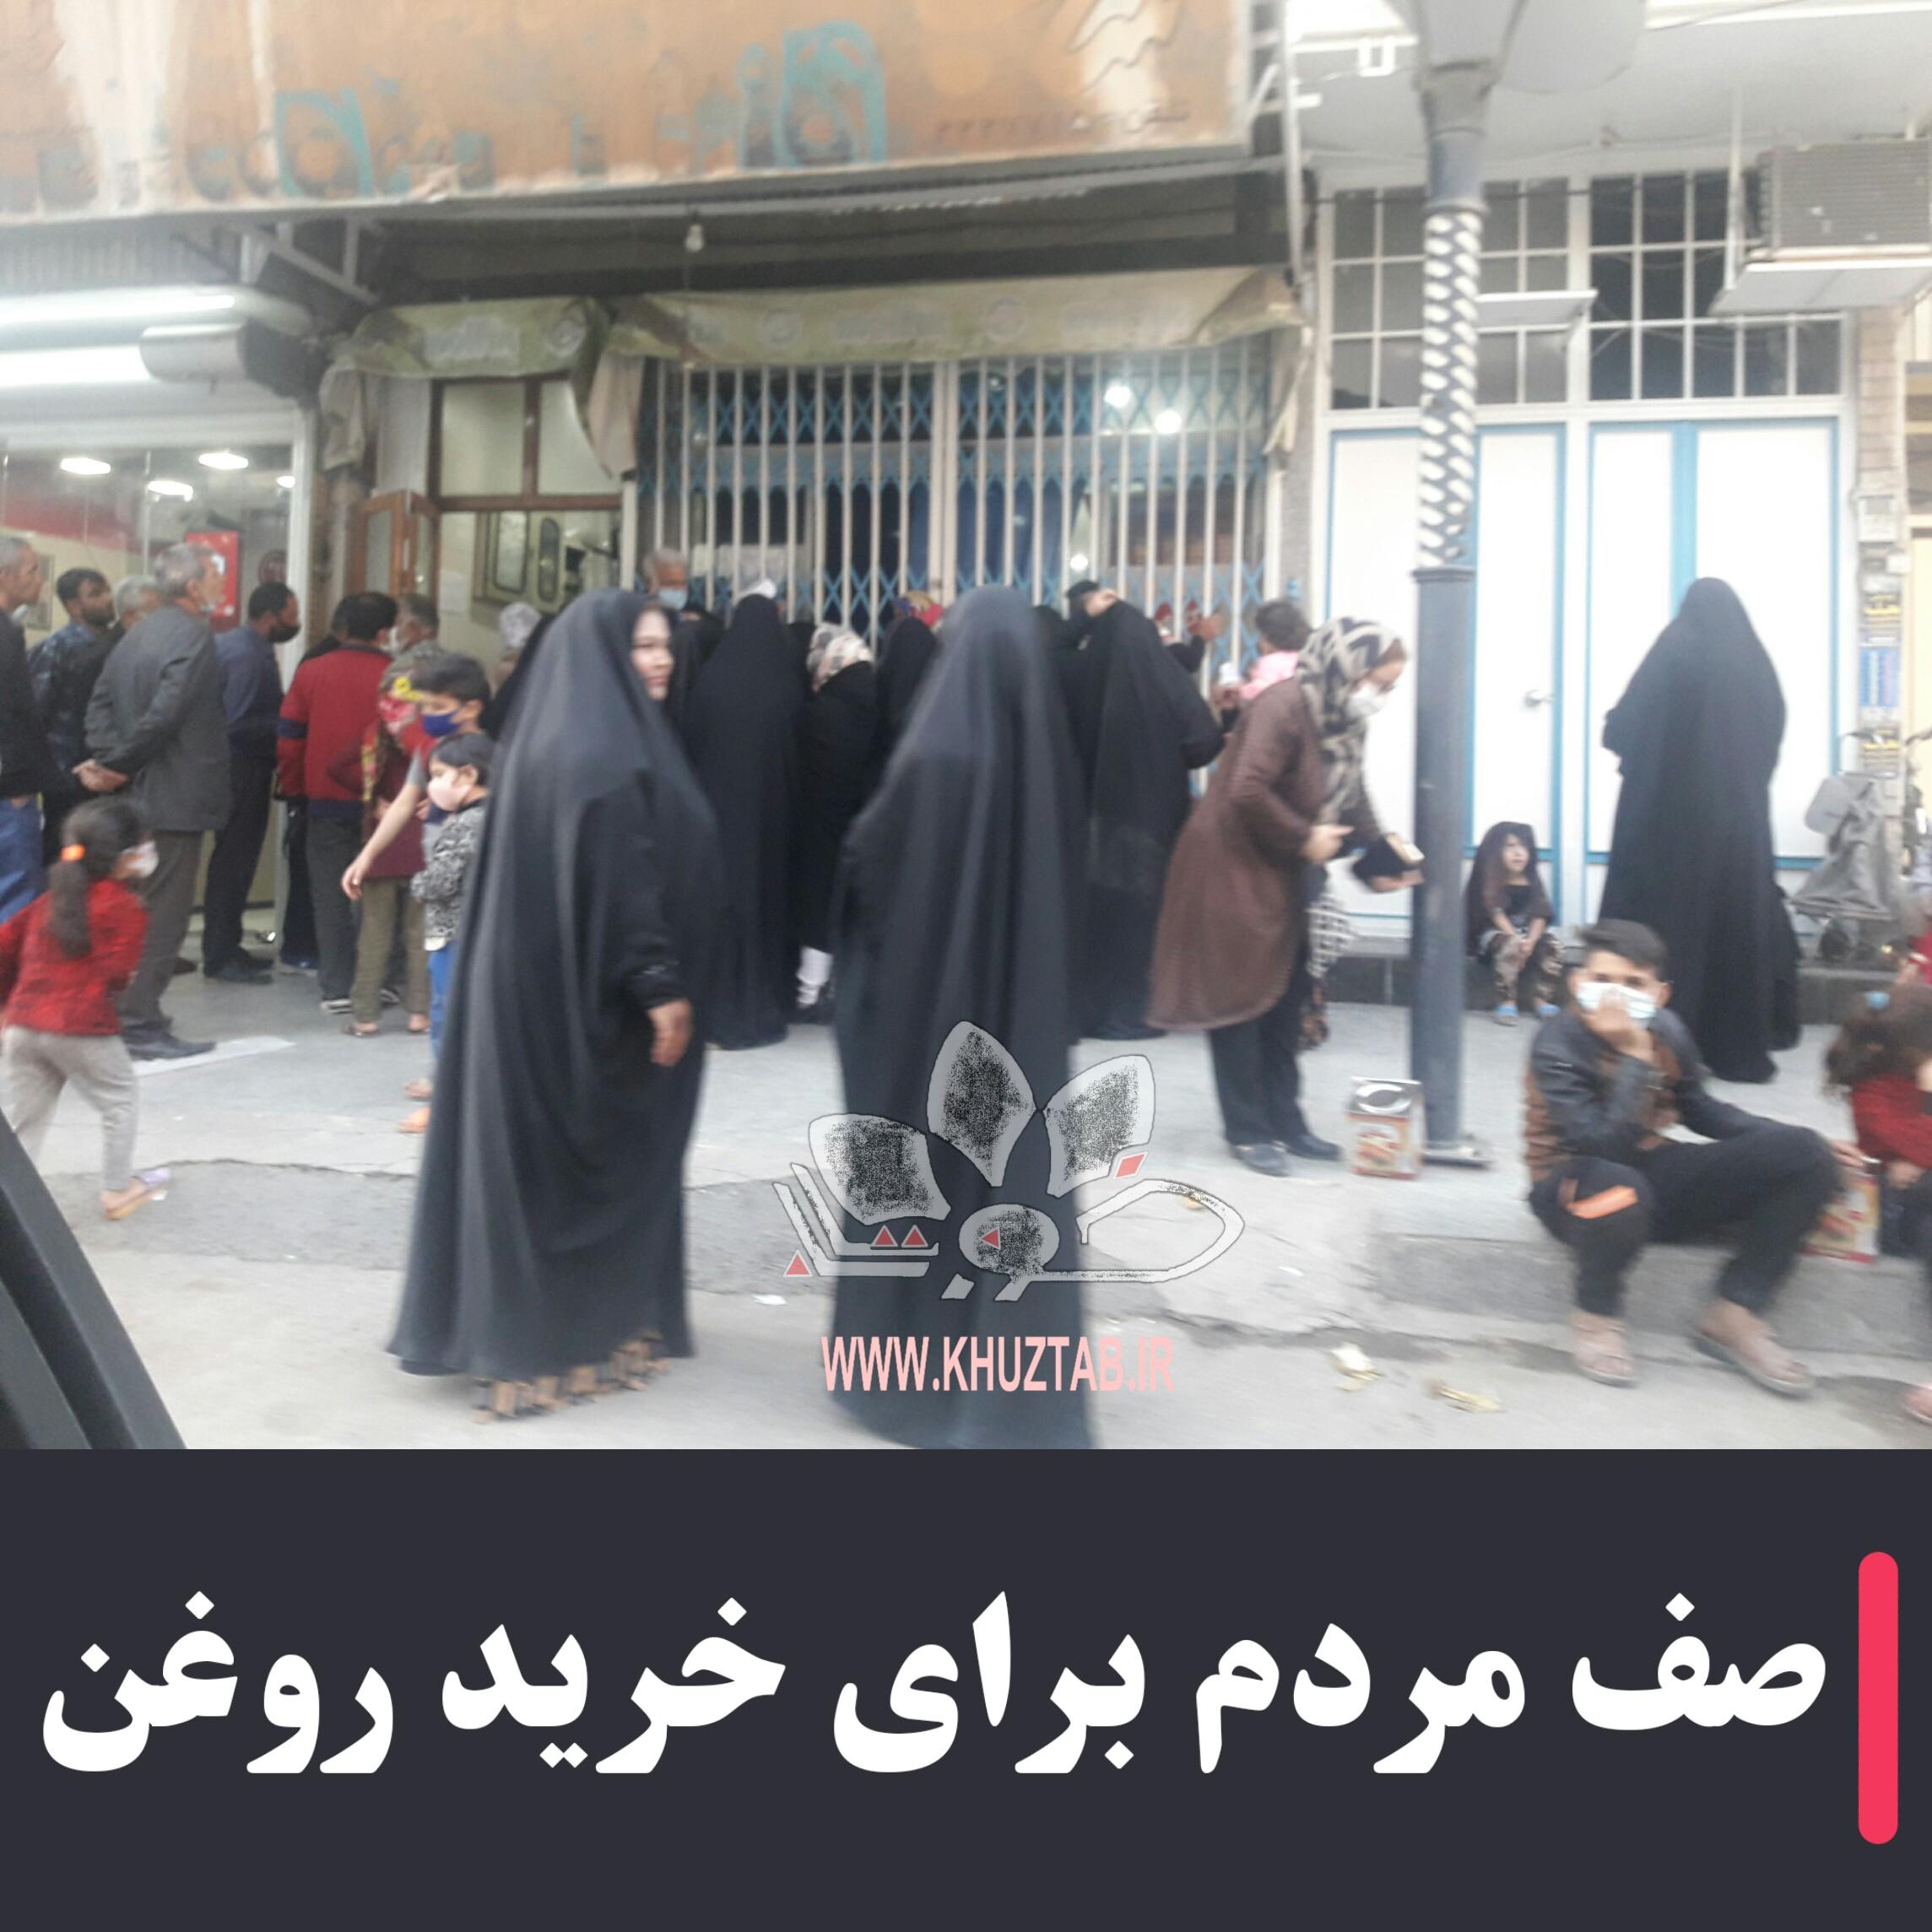 PicsArt 01 04 01.01.16 کمبود روغن خوراکی در خوزستان و خطری که شهروندان را تهدید می کند